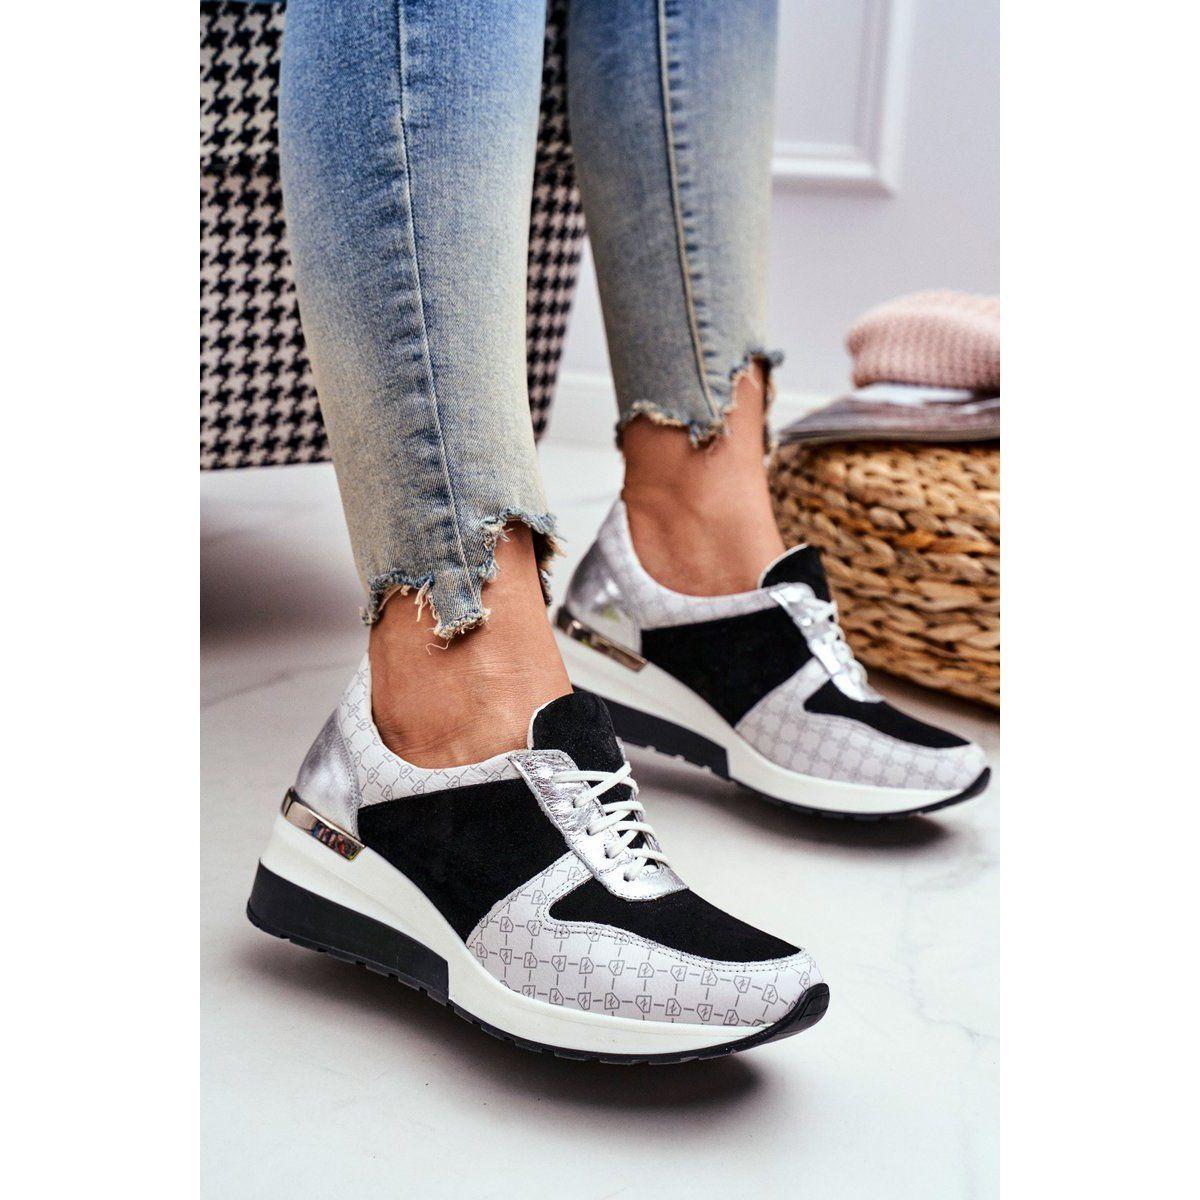 Obuwie Sportowe Sneakersy Damskie Skorzane Nicole 2468 Besty Biale Czarne Hummel Sneaker Shoes New Balance Sneaker